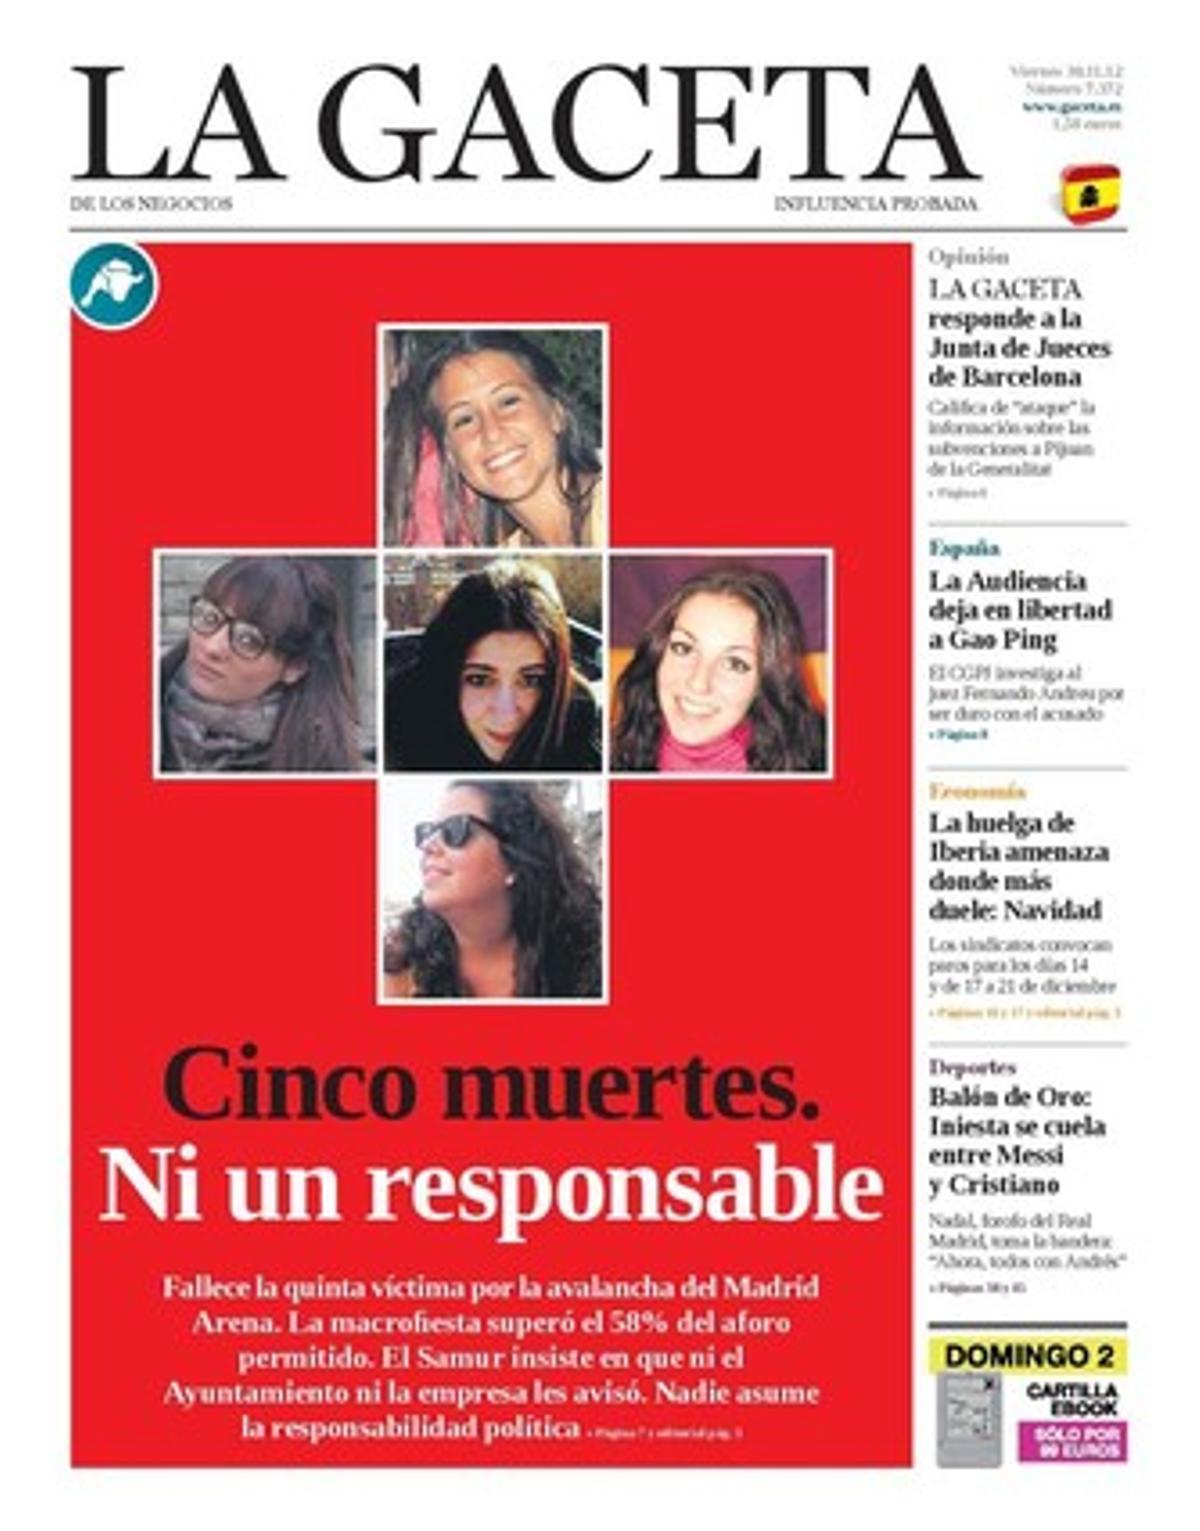 La Gaceta, 30-11-2012.